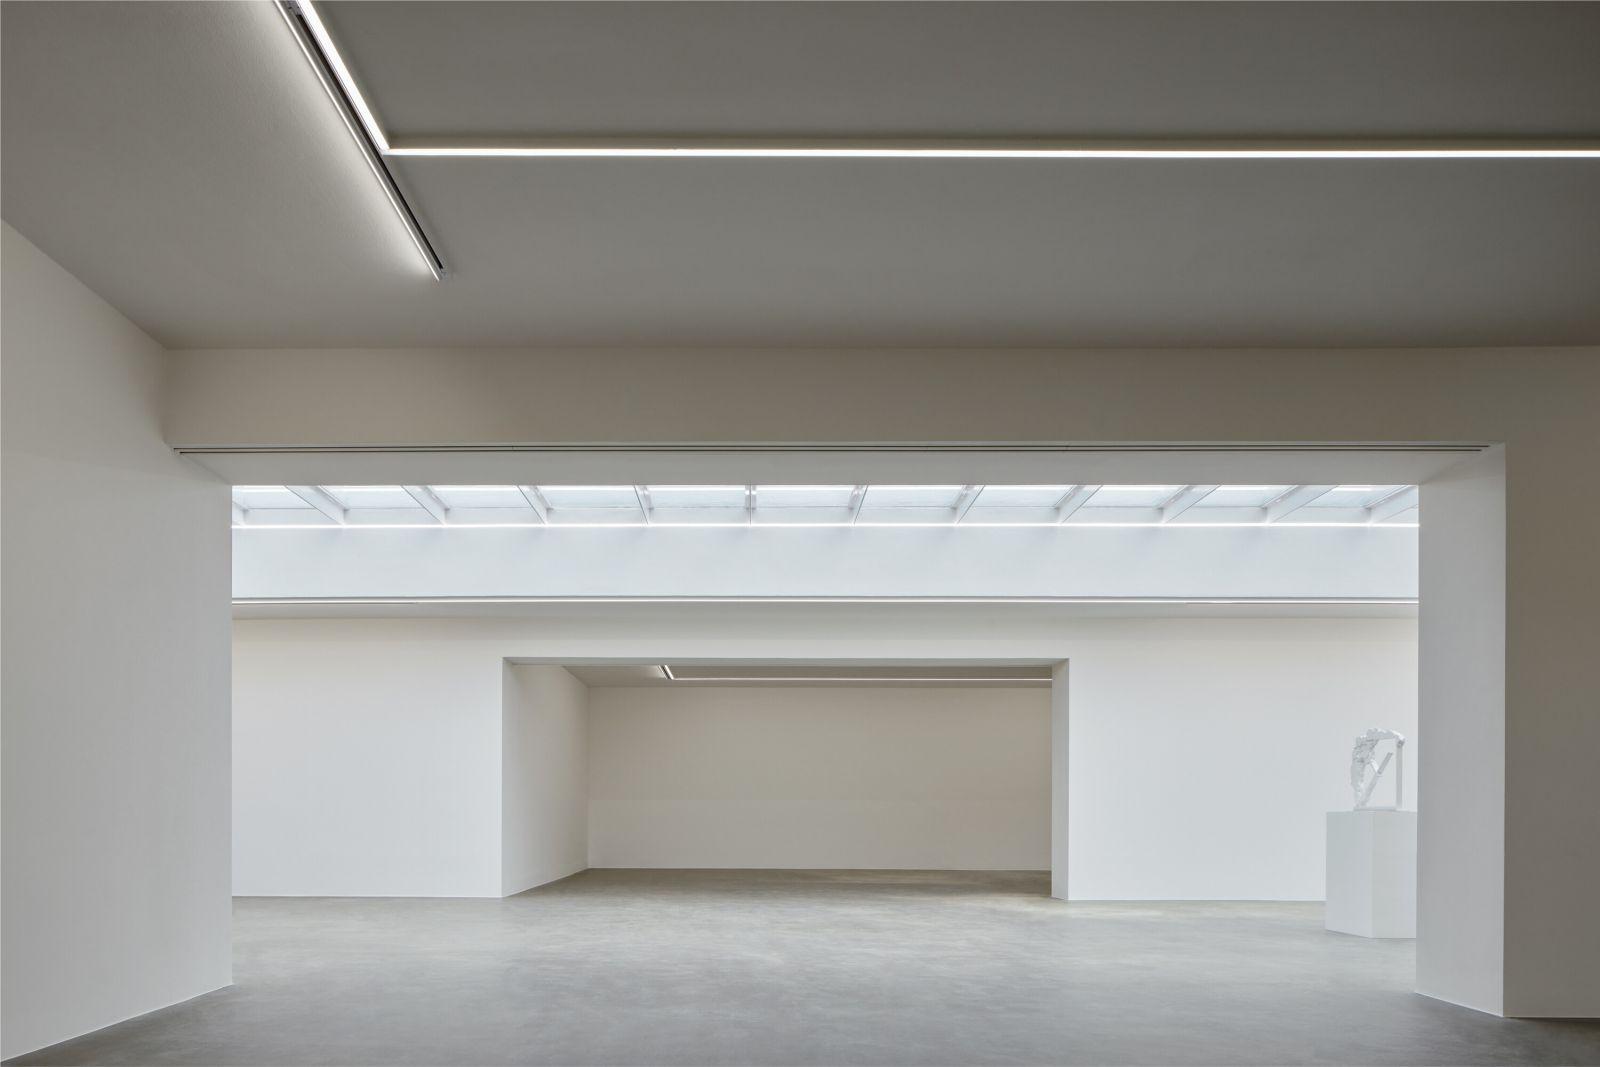 Miroslav Kubík Gallery